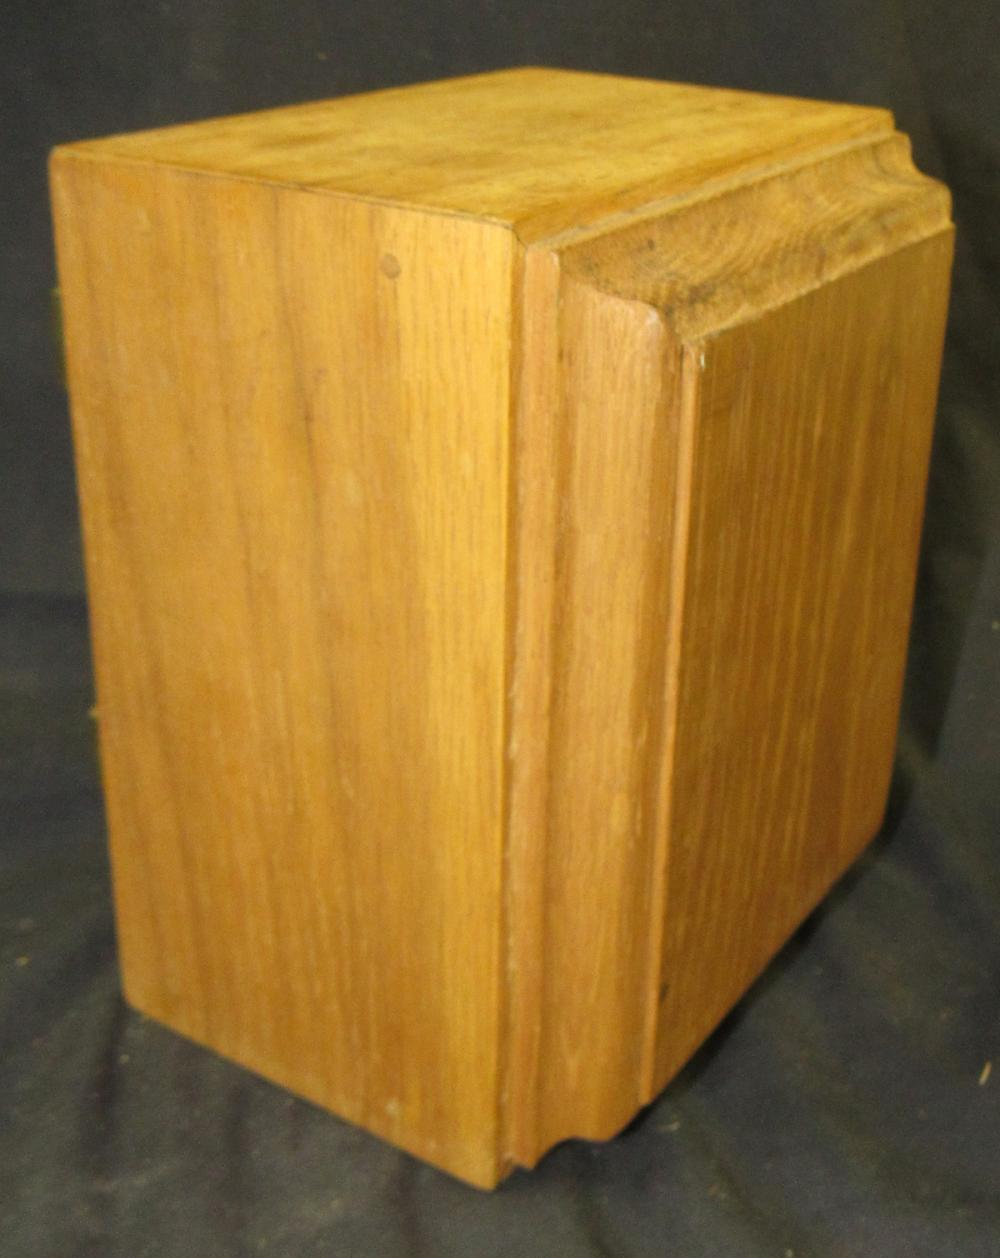 """Lot 163: Antique Post Office Door US Postal Mail Box Door Box, 4 x 3 1/2"""" x 6 1/2""""H, EC"""